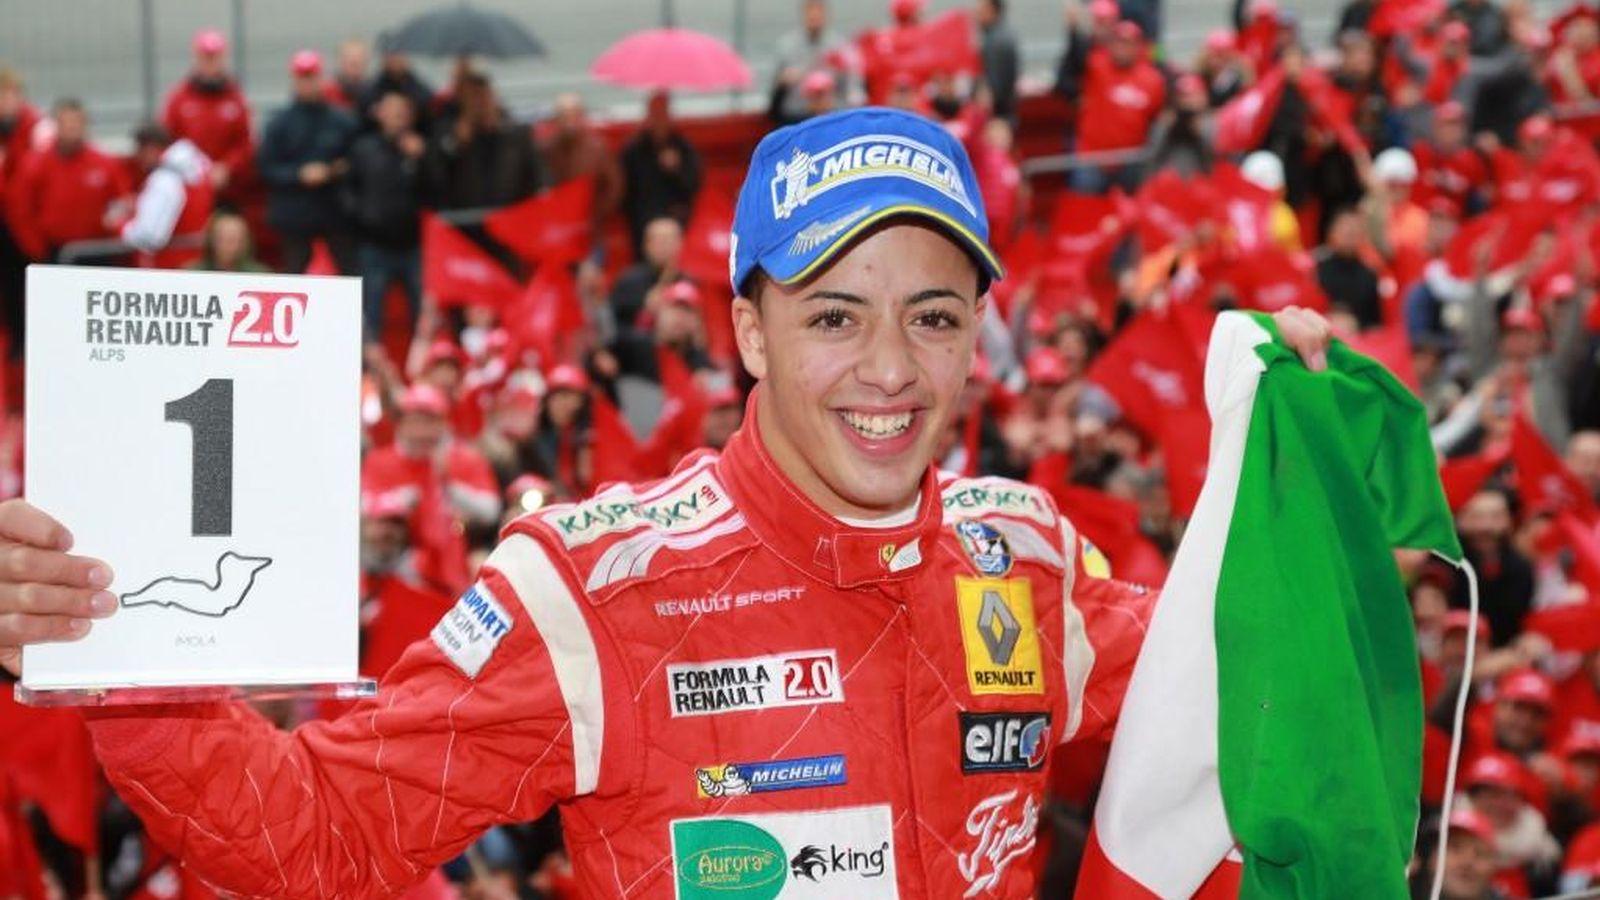 Foto: Antonio Fuoco en el podio como ganador de la Förmula Renault 2.0 (foto página web de Antonio Fuoco)